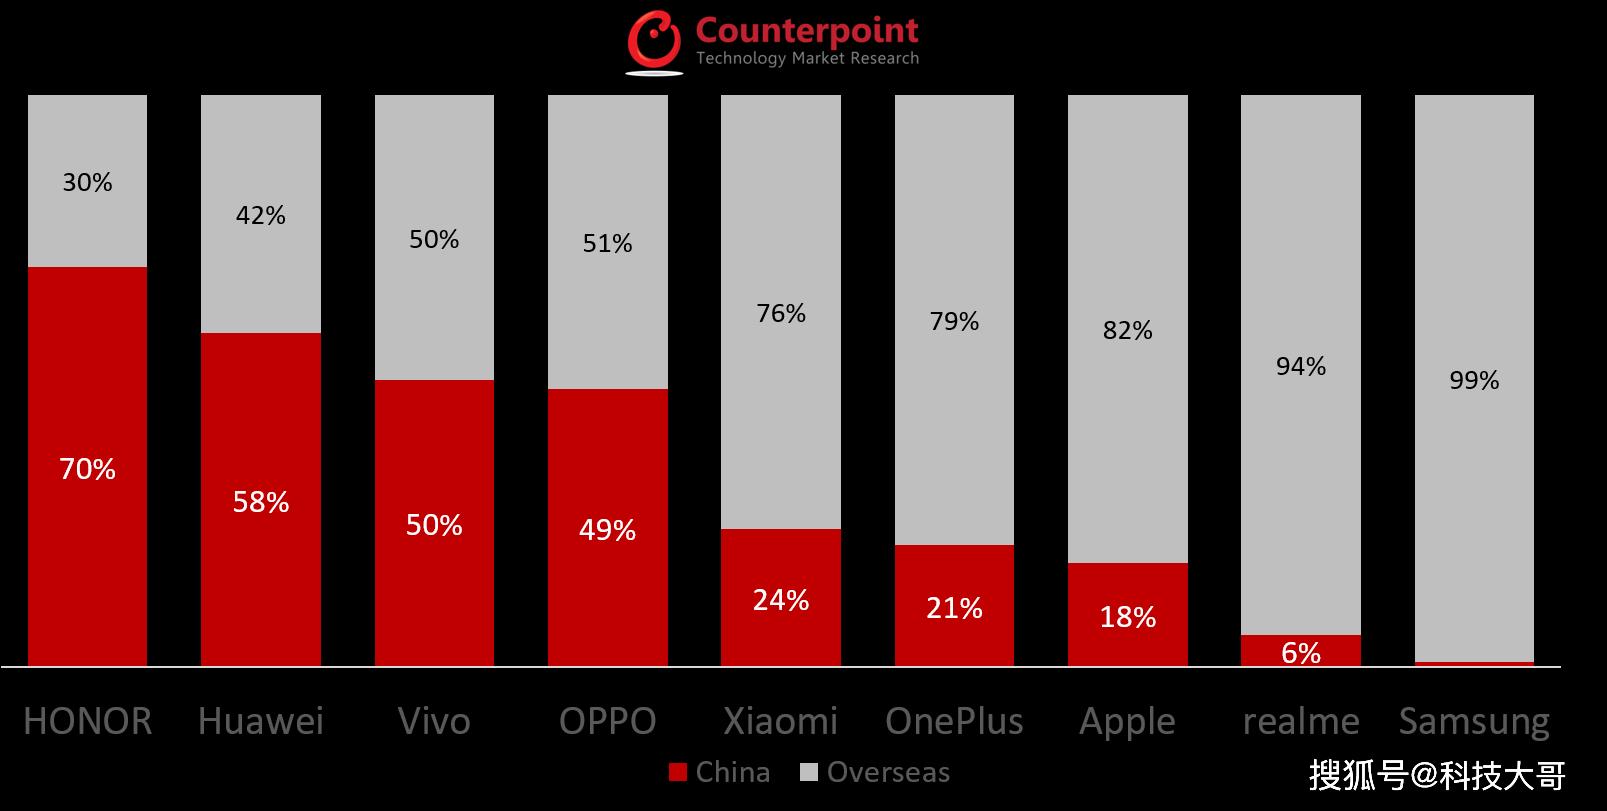 手机厂商内外销量对比,小米国外占76%,三星国内不到1%!